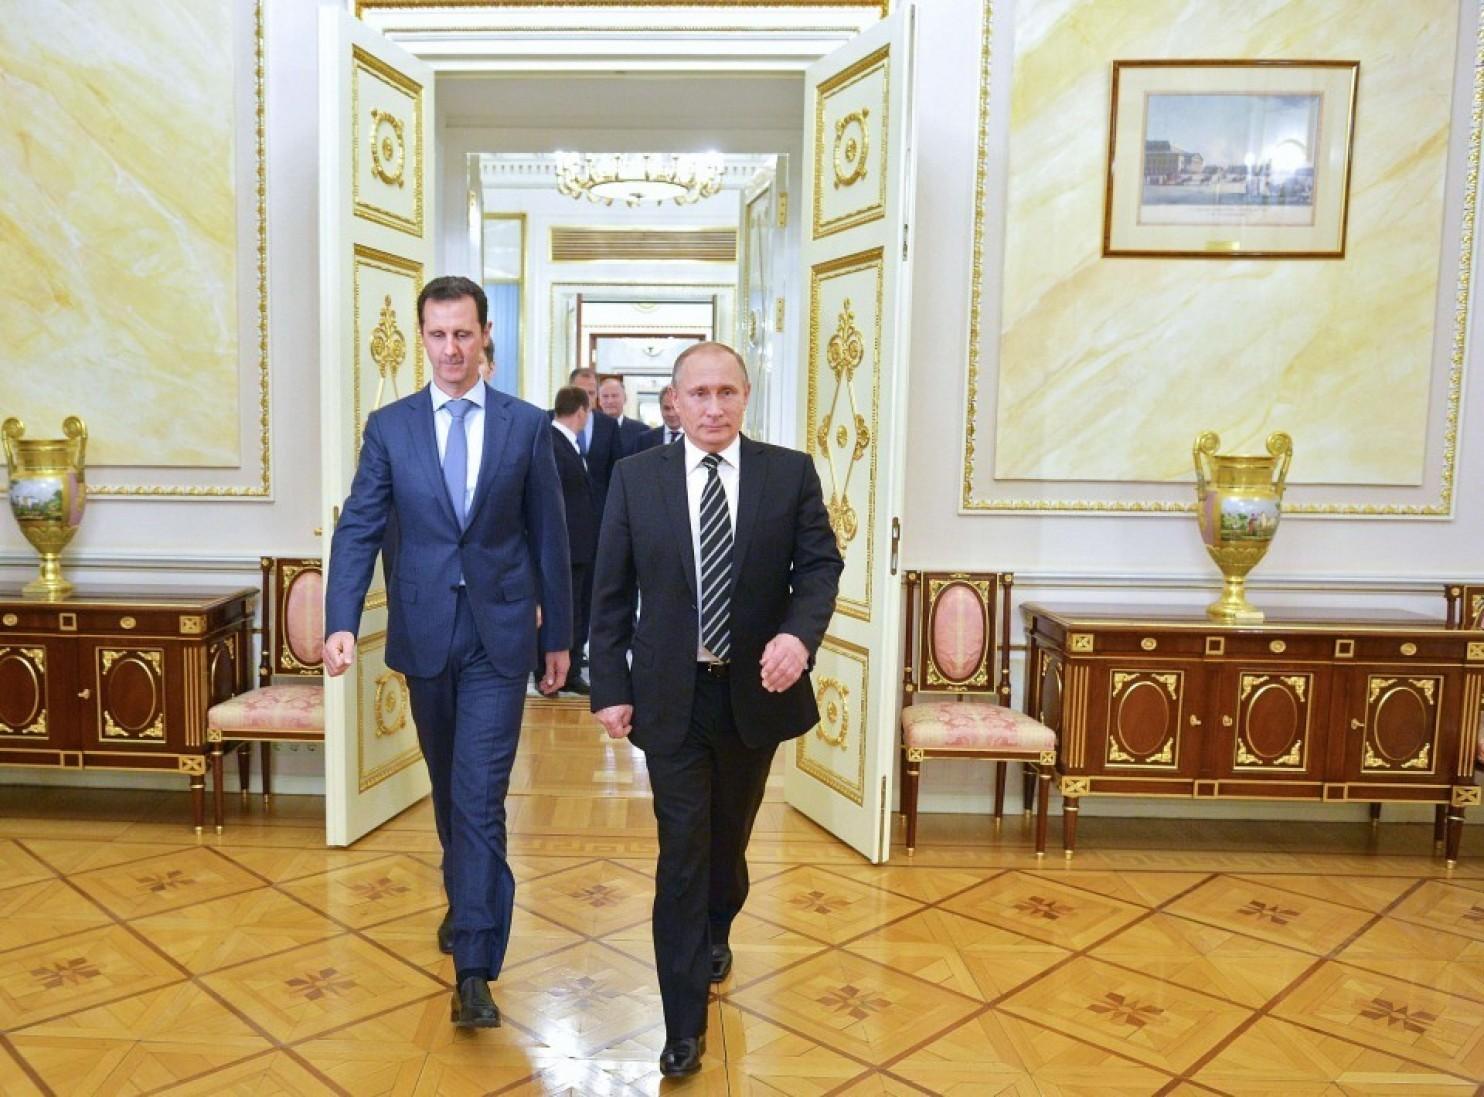 Le président russe Vladimir Poutine marche avec son homologue syrien, Bachar al-Assad, lors de son arrivée à une réunion au Kremlin, à Moscou, le 21 octobre 2015. (Photo d'Alexey Druzhinin par AFP/Getty Images)